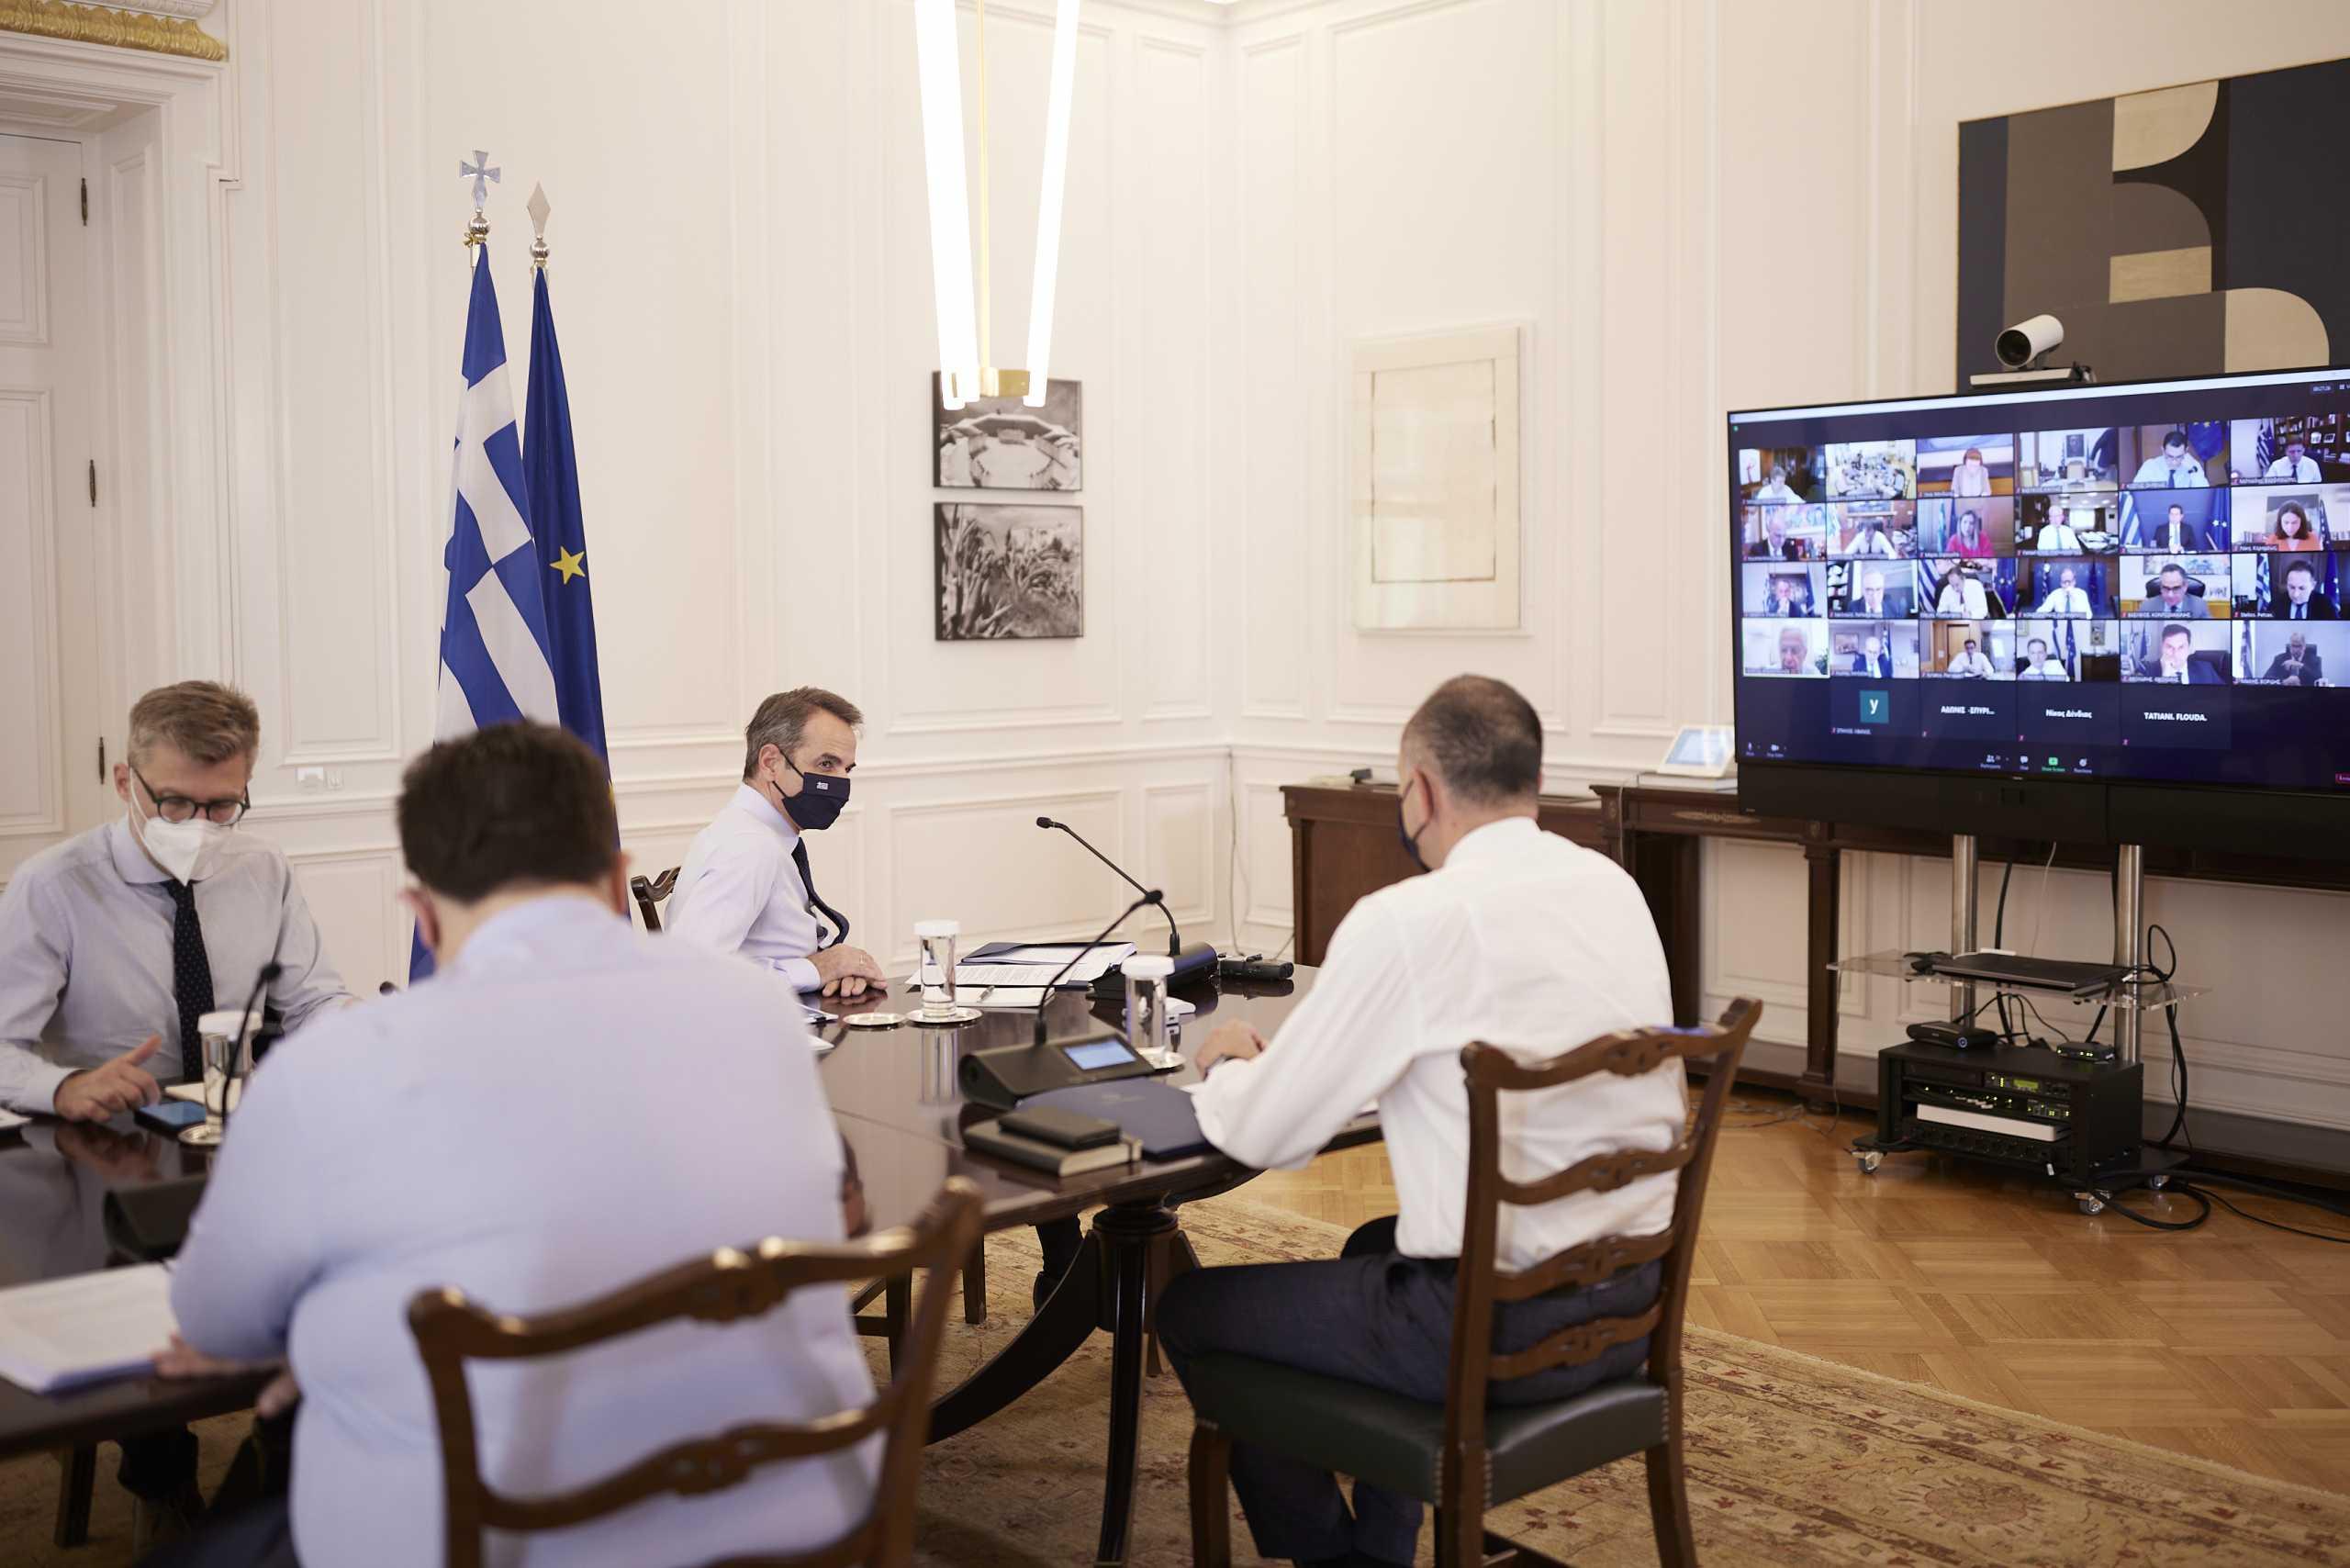 Μητσοτάκης – υπουργικό: Από αύριο σε ισχύ το Ψηφιακό Πιστοποιητικό